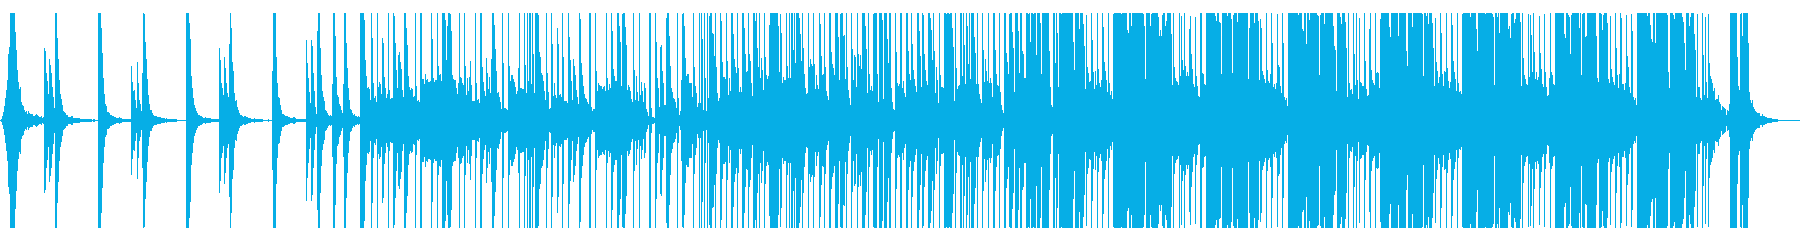 かわいいフューチャーベースNo386_2の再生済みの波形